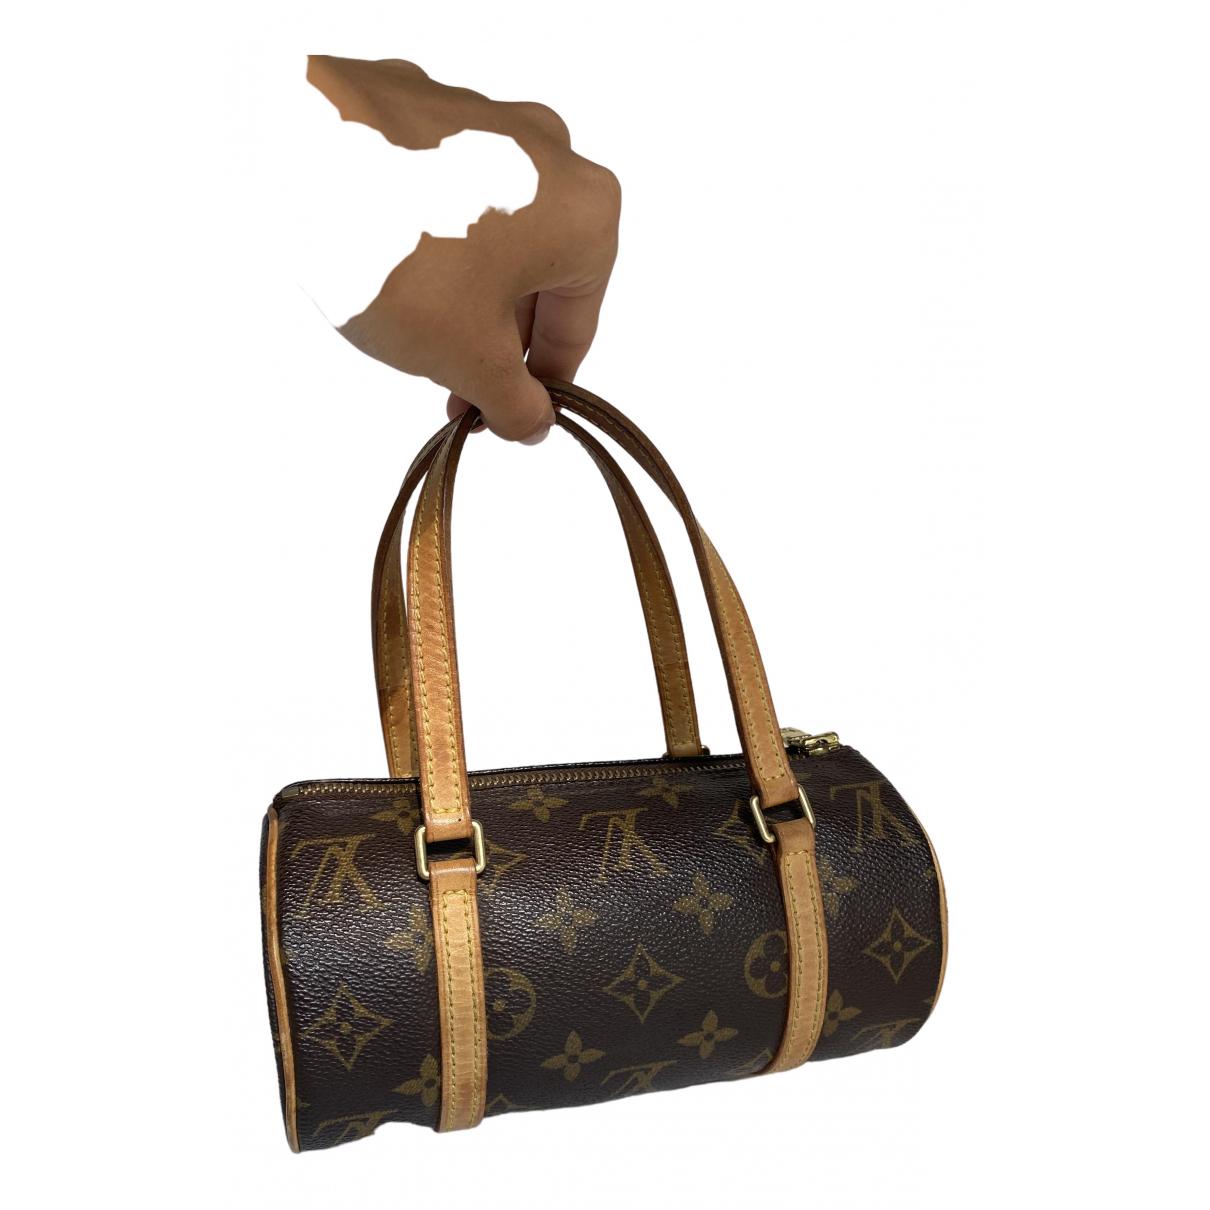 Louis Vuitton - Sac a main Papillon pour femme en toile - marron